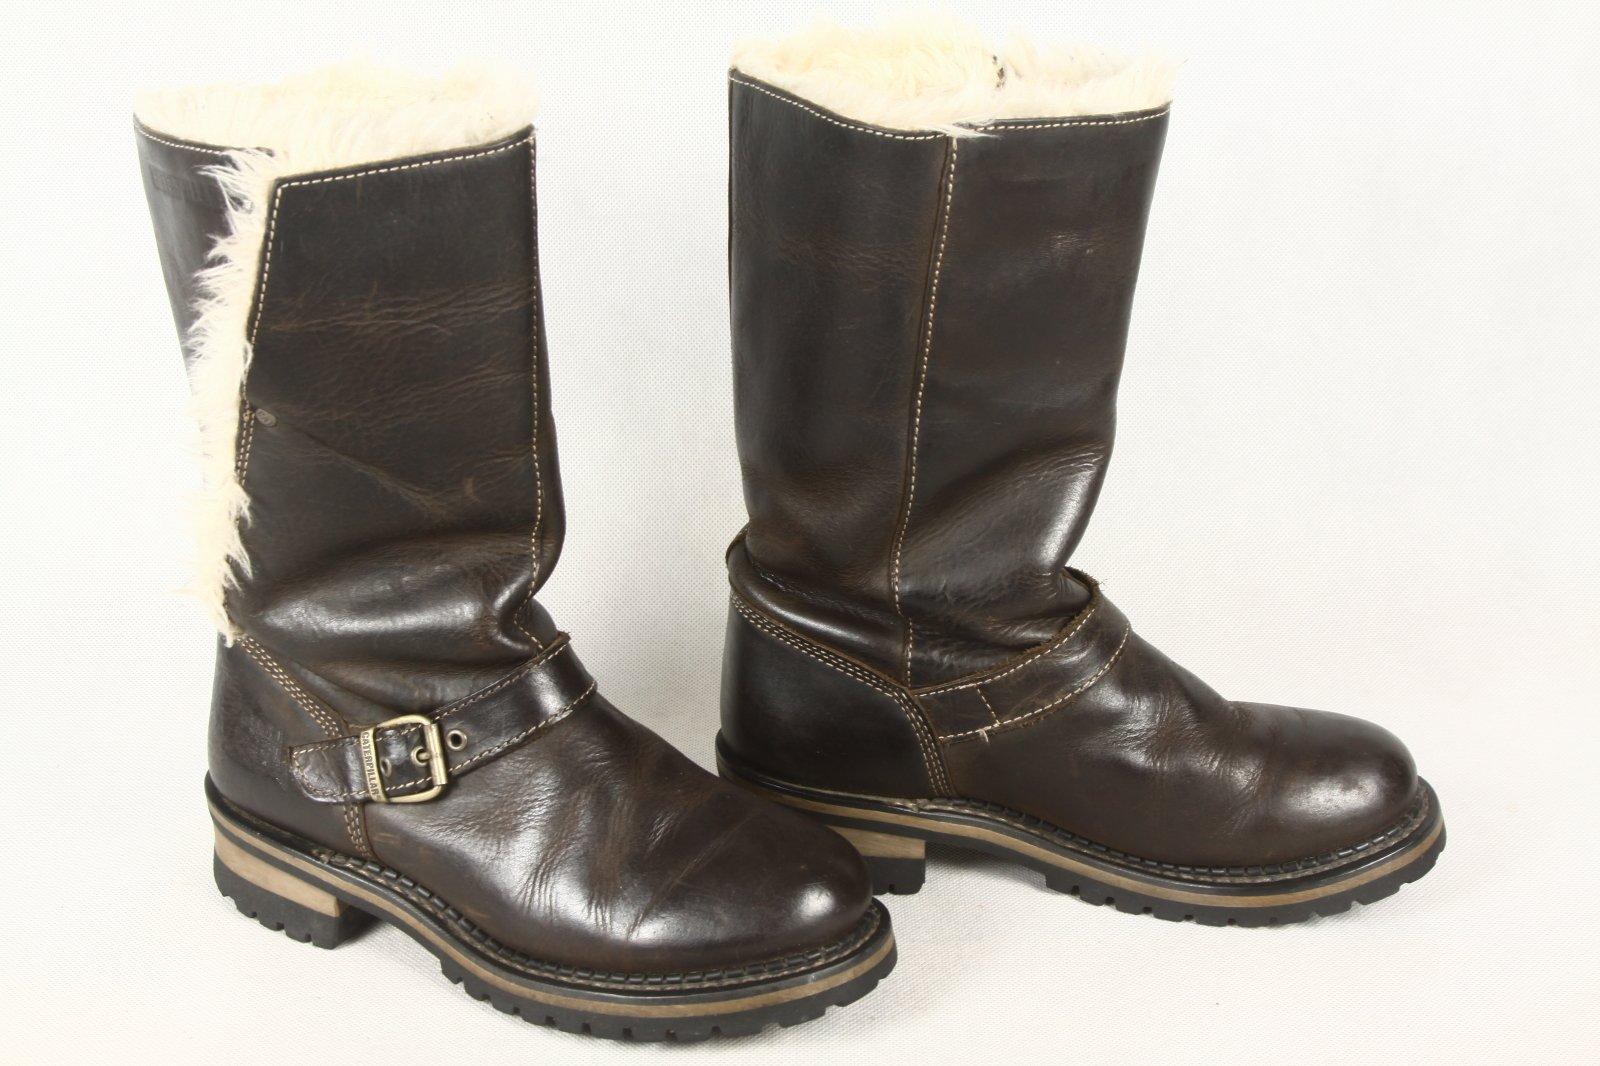 b07da47a buty kowbojki męskie CAT CATERPILLAR ocieplane 39 - 7057350374 ...